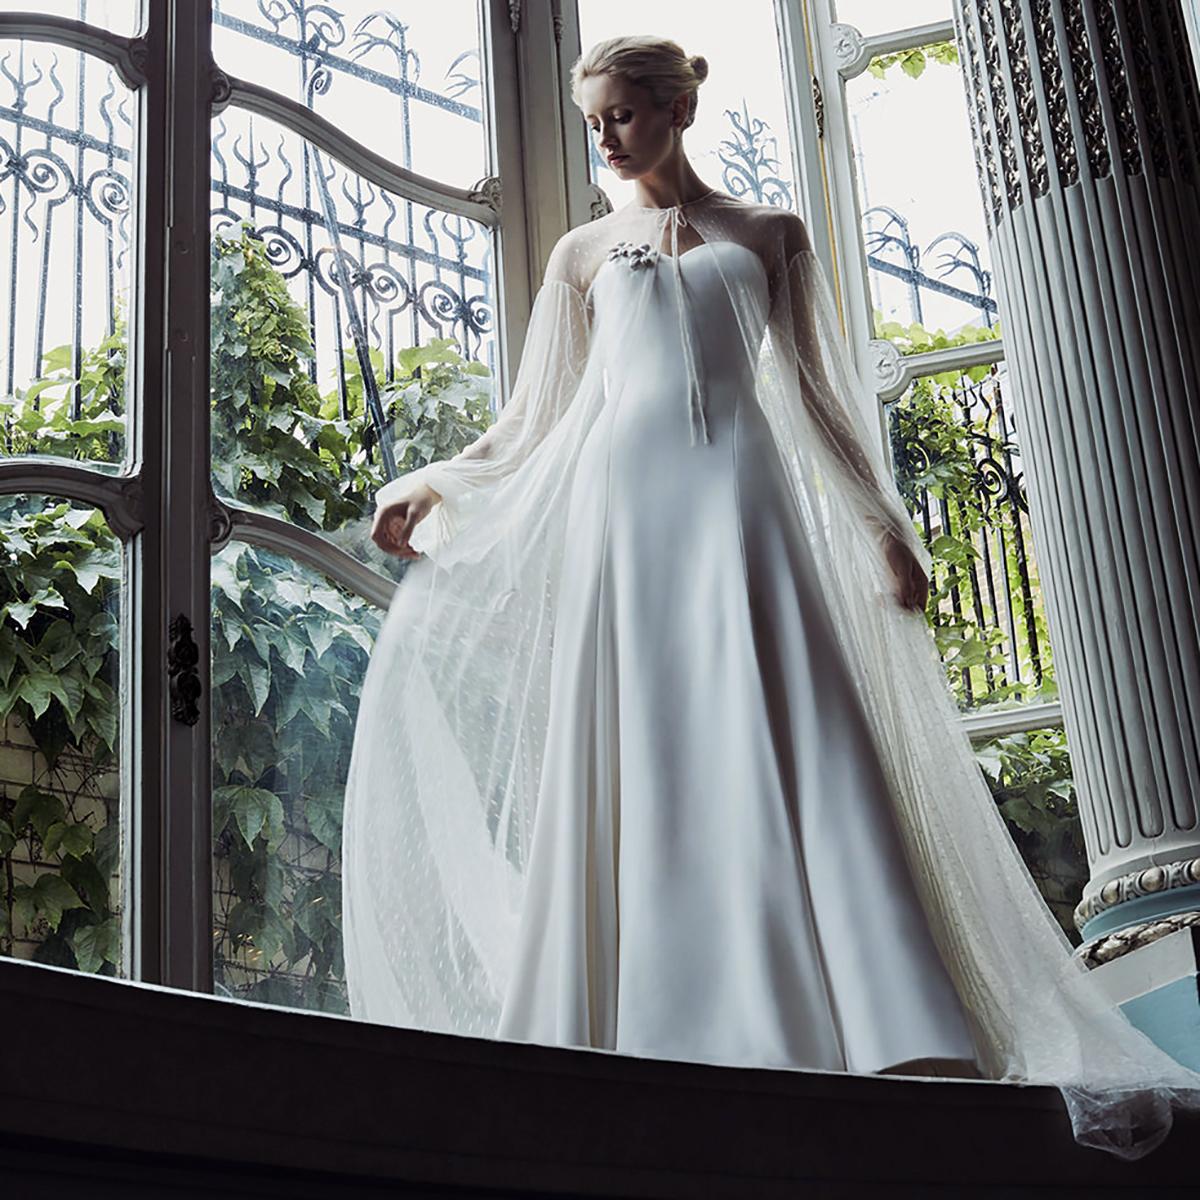 Meghan Markle's Wedding Dress - What Will She Wear?